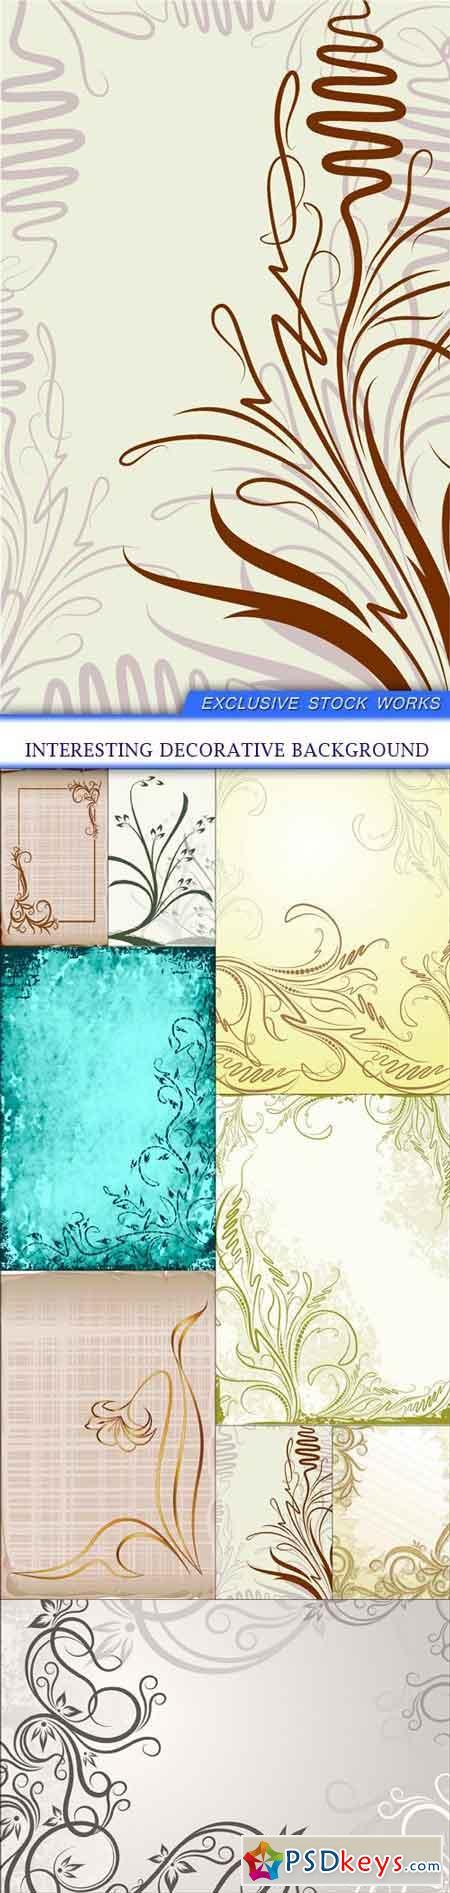 interesting decorative background 9X EPS